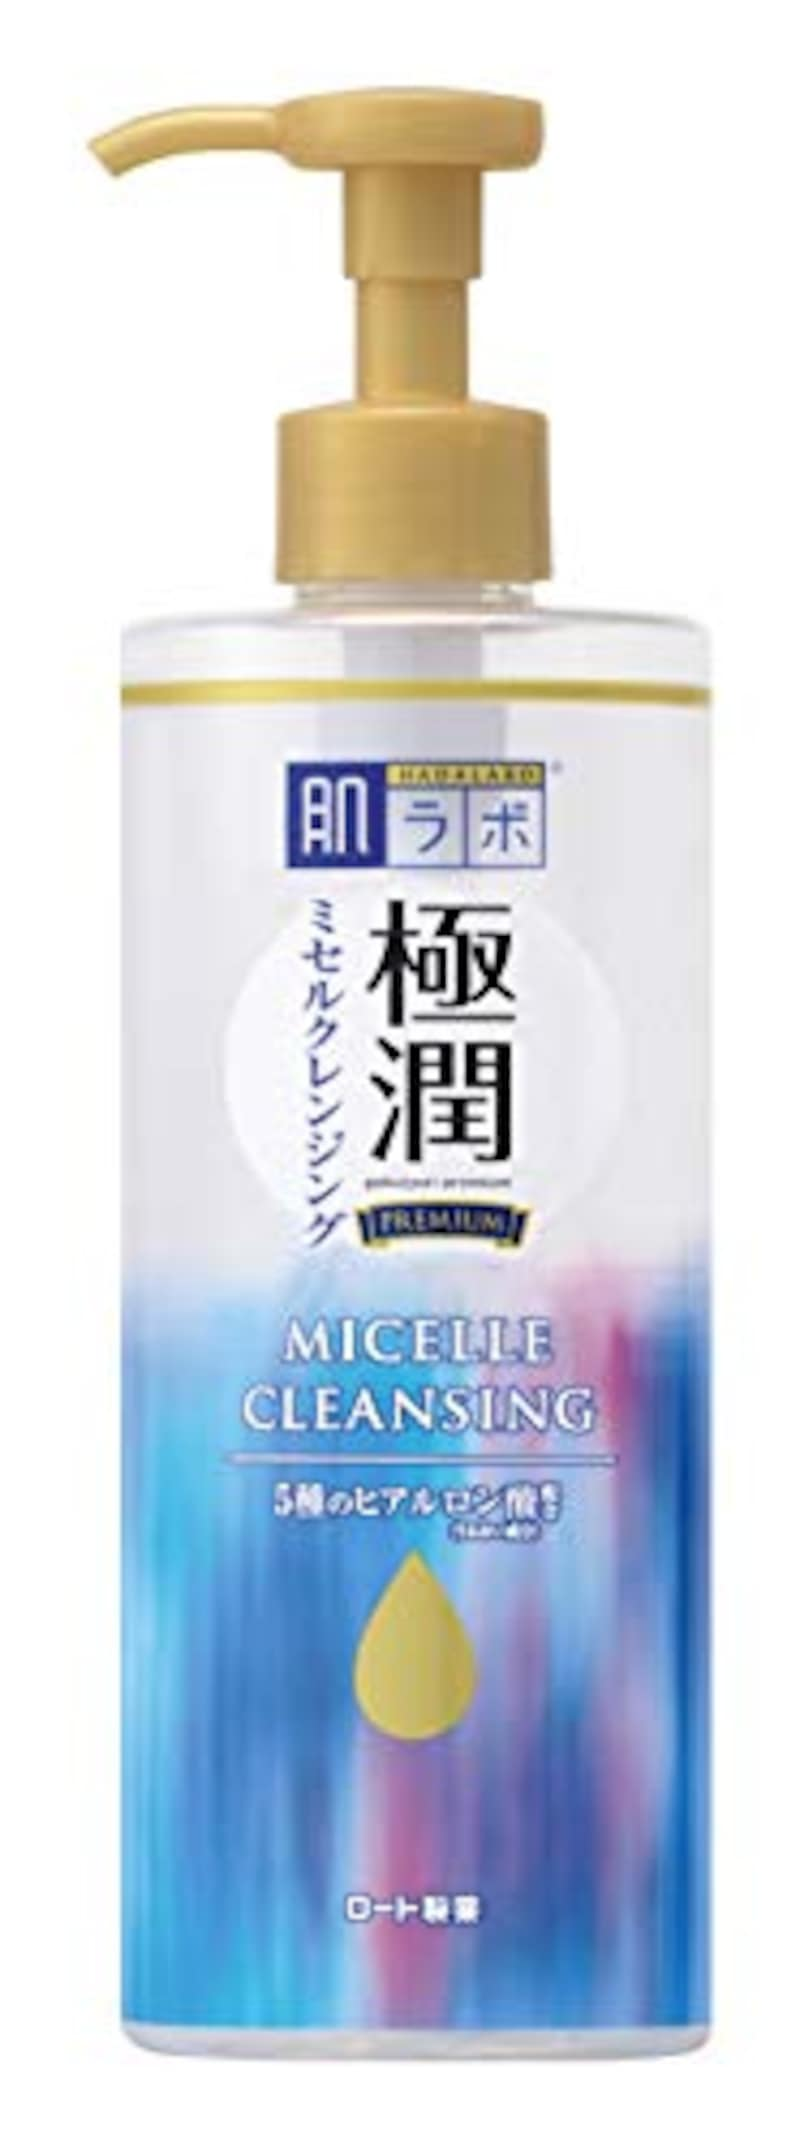 肌ラボ,極潤プレミアム クレンジングヒアルロン酸化粧水,4987241160334